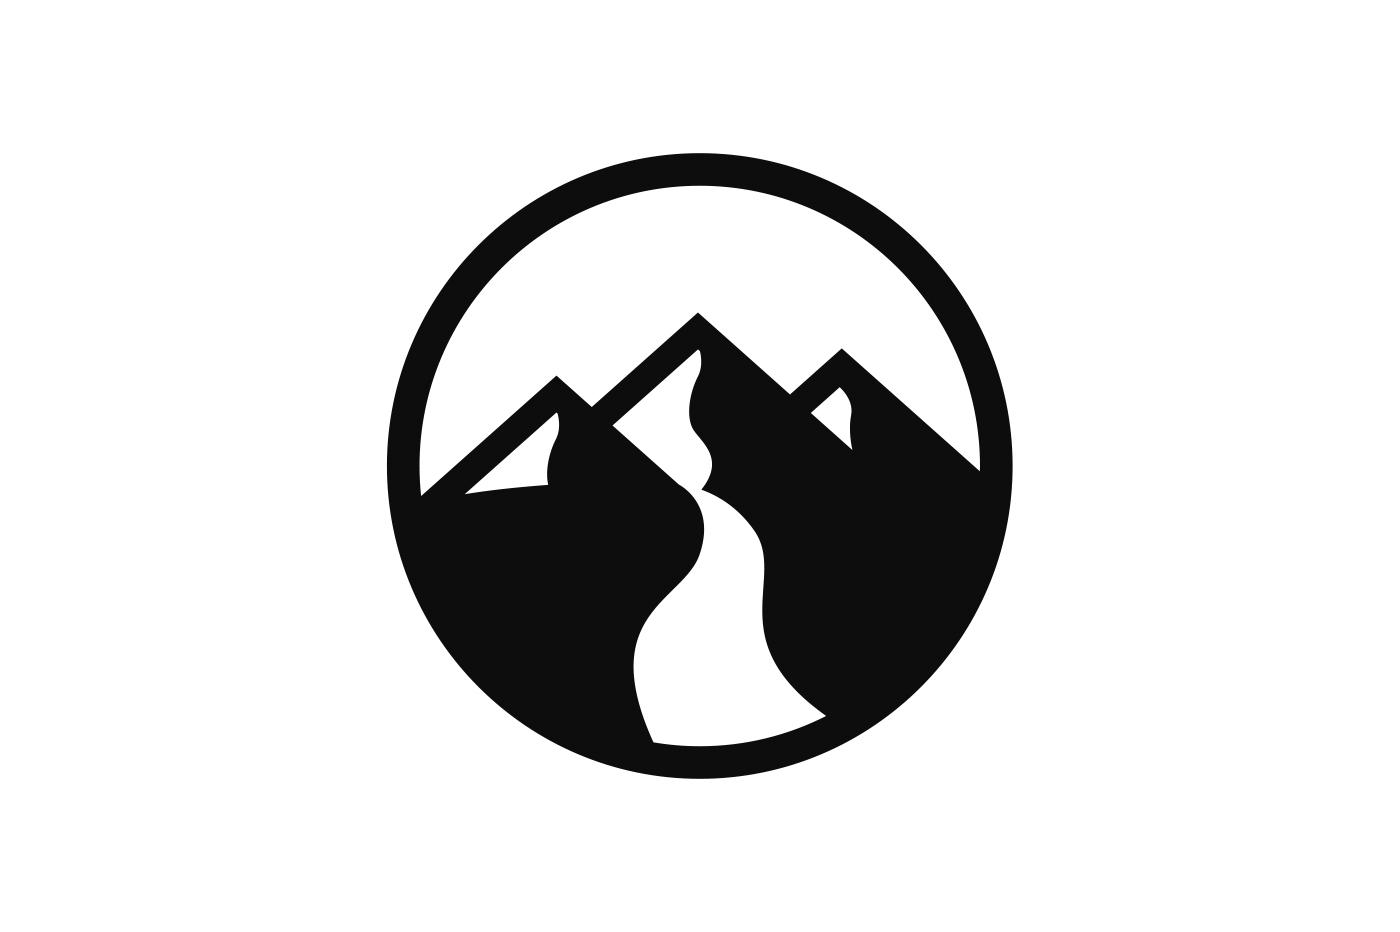 JLTG_logo